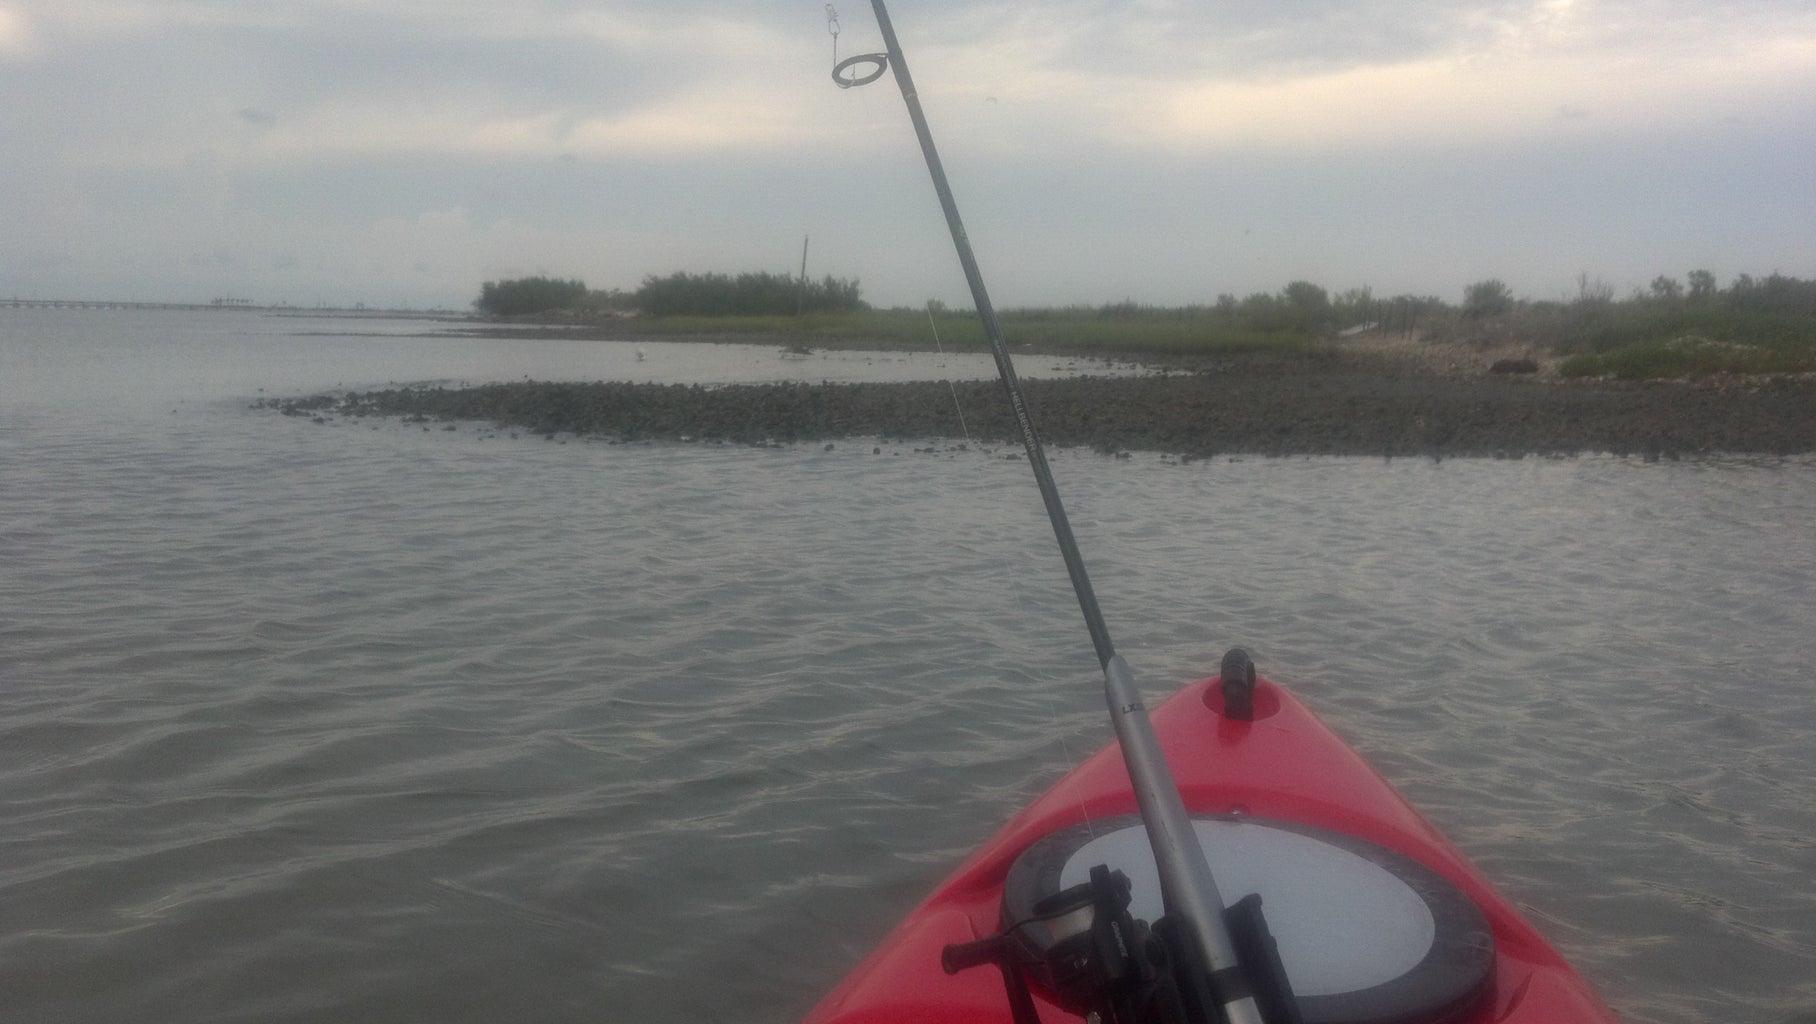 Boating: Safety Afloat